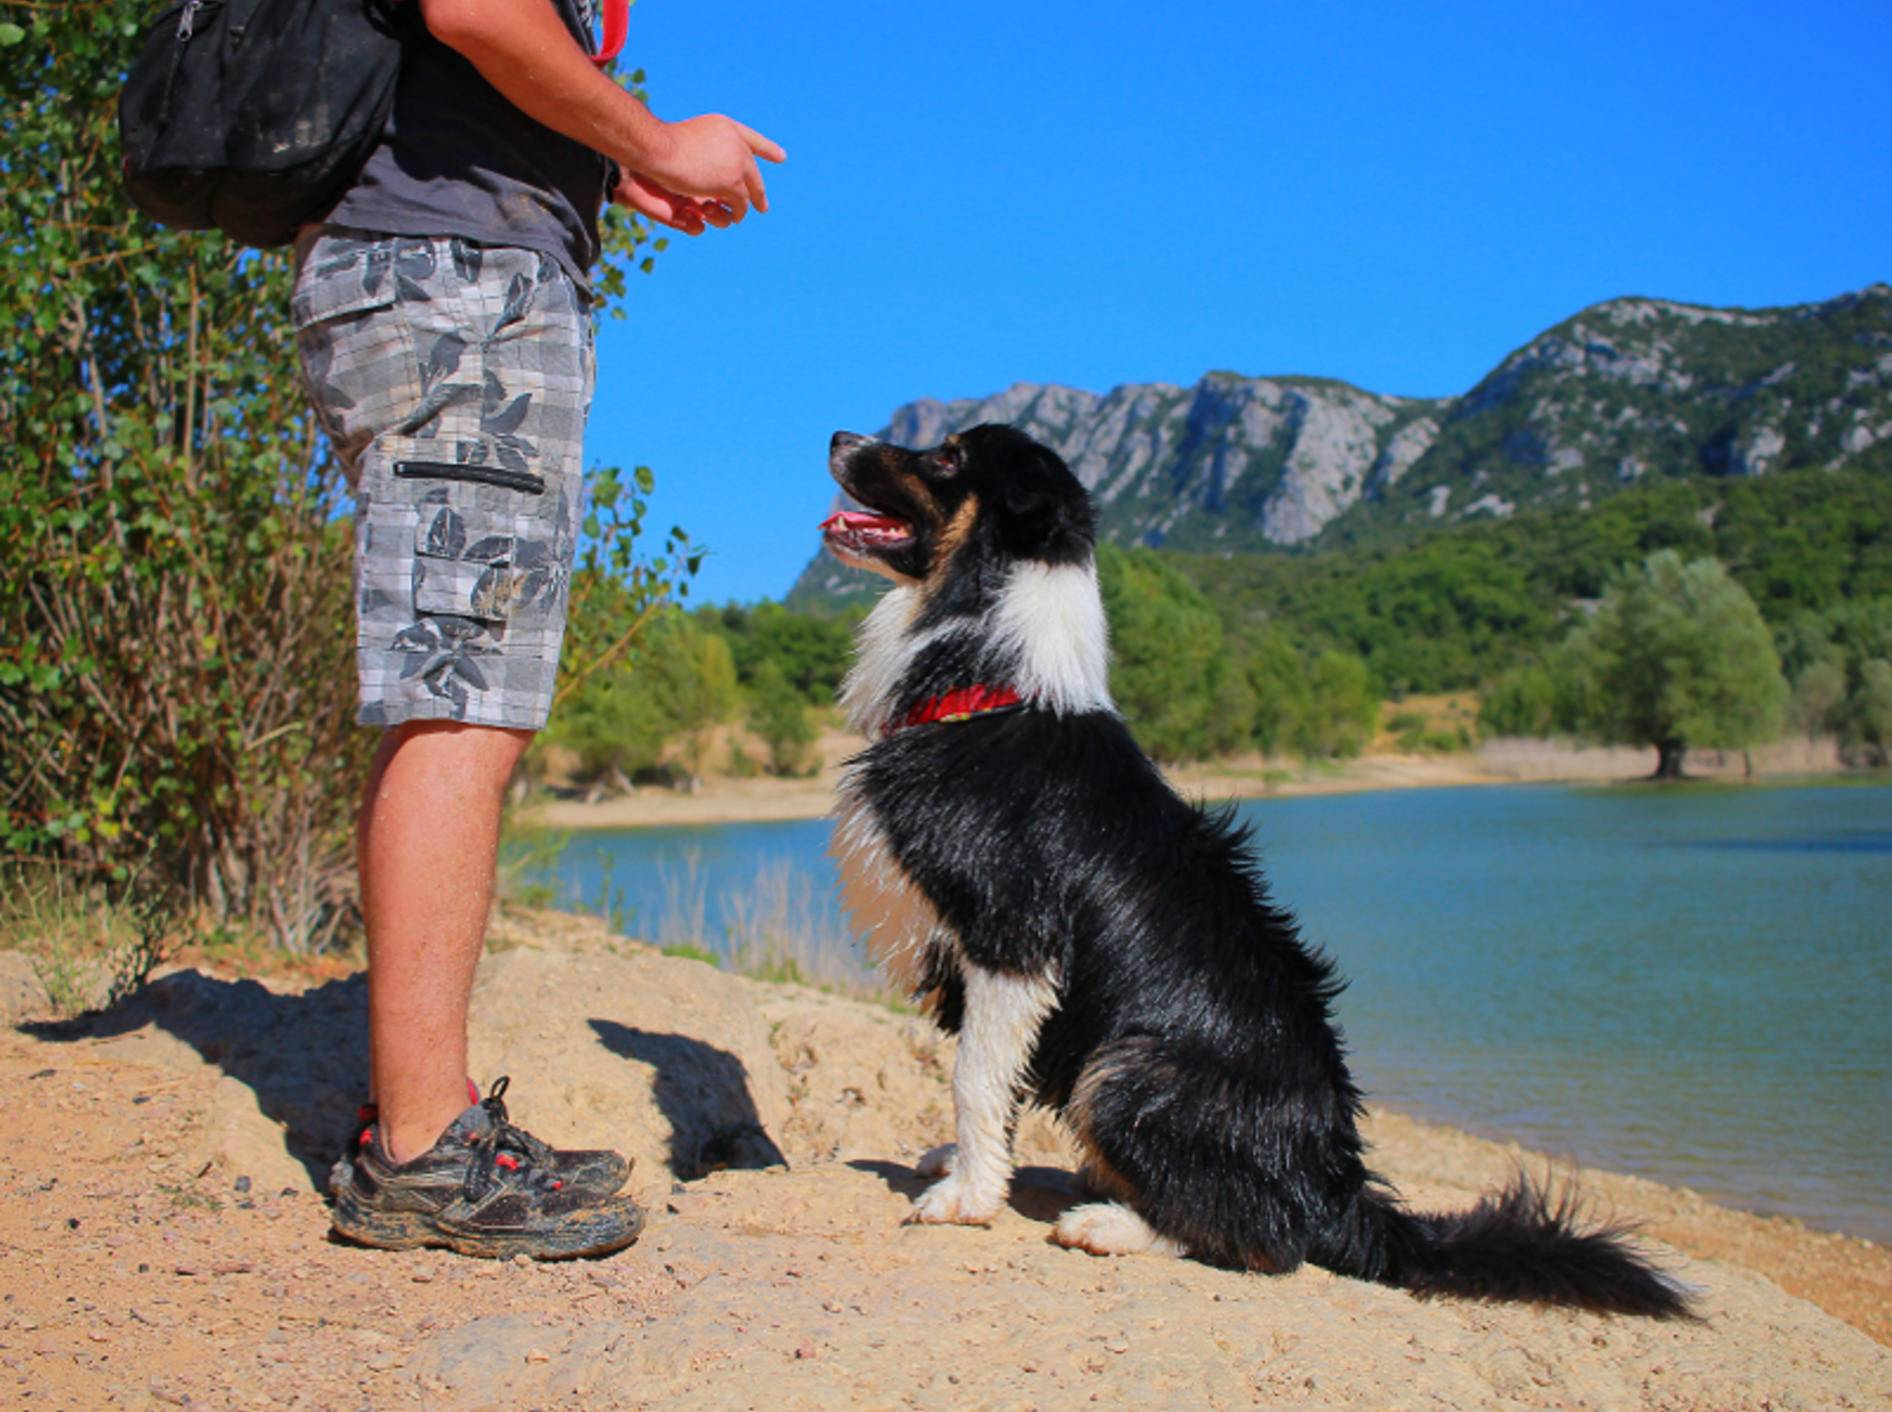 Am besten ist es, wenn der Hund dem Mensch aus freien Stücken folgt – Shutterstock / Melounix